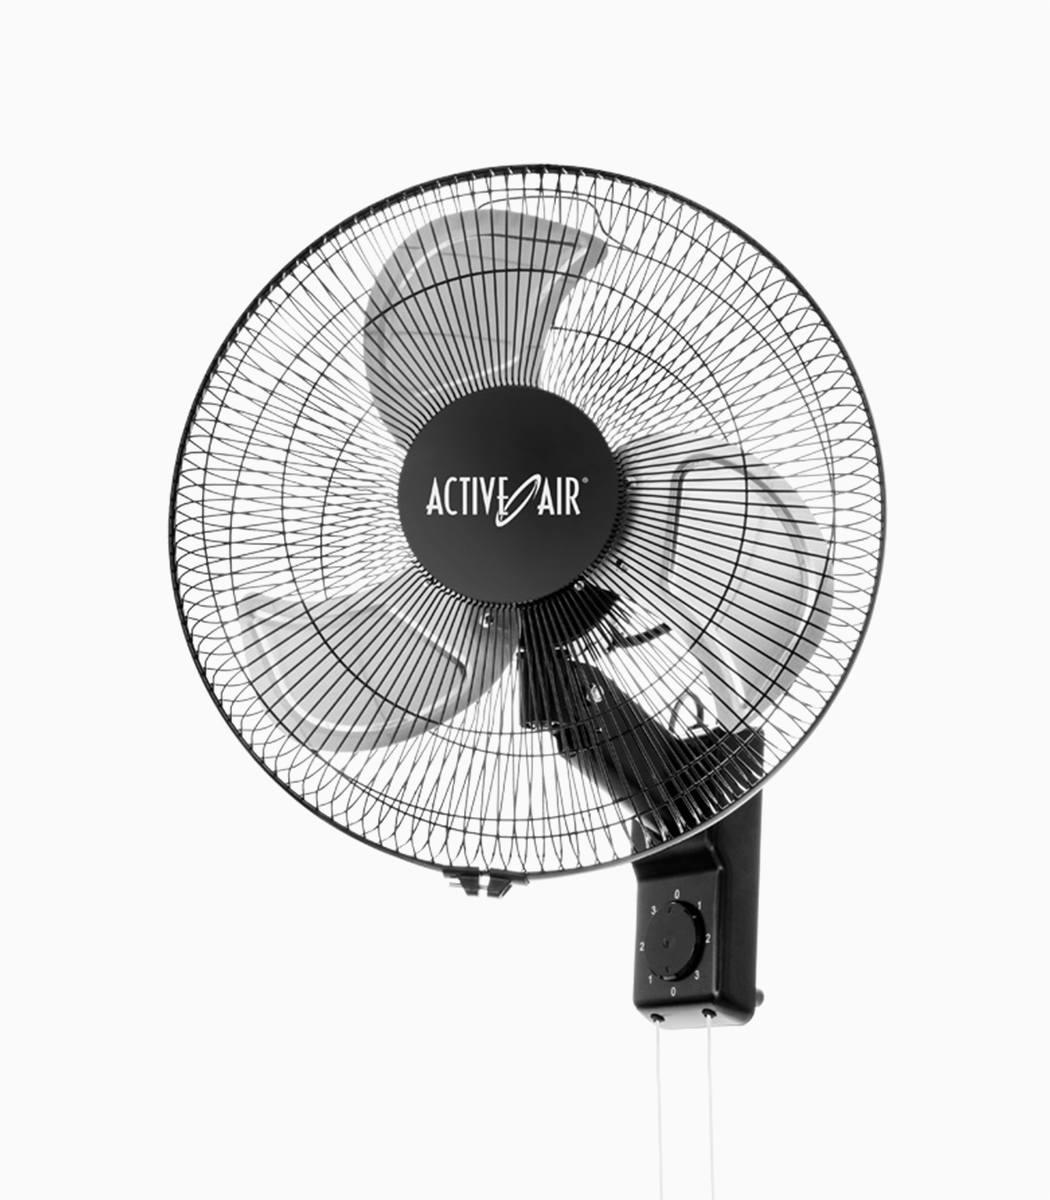 Airplane Wall Mounted Fan : Active air heavy duty quot metal wall mount fan